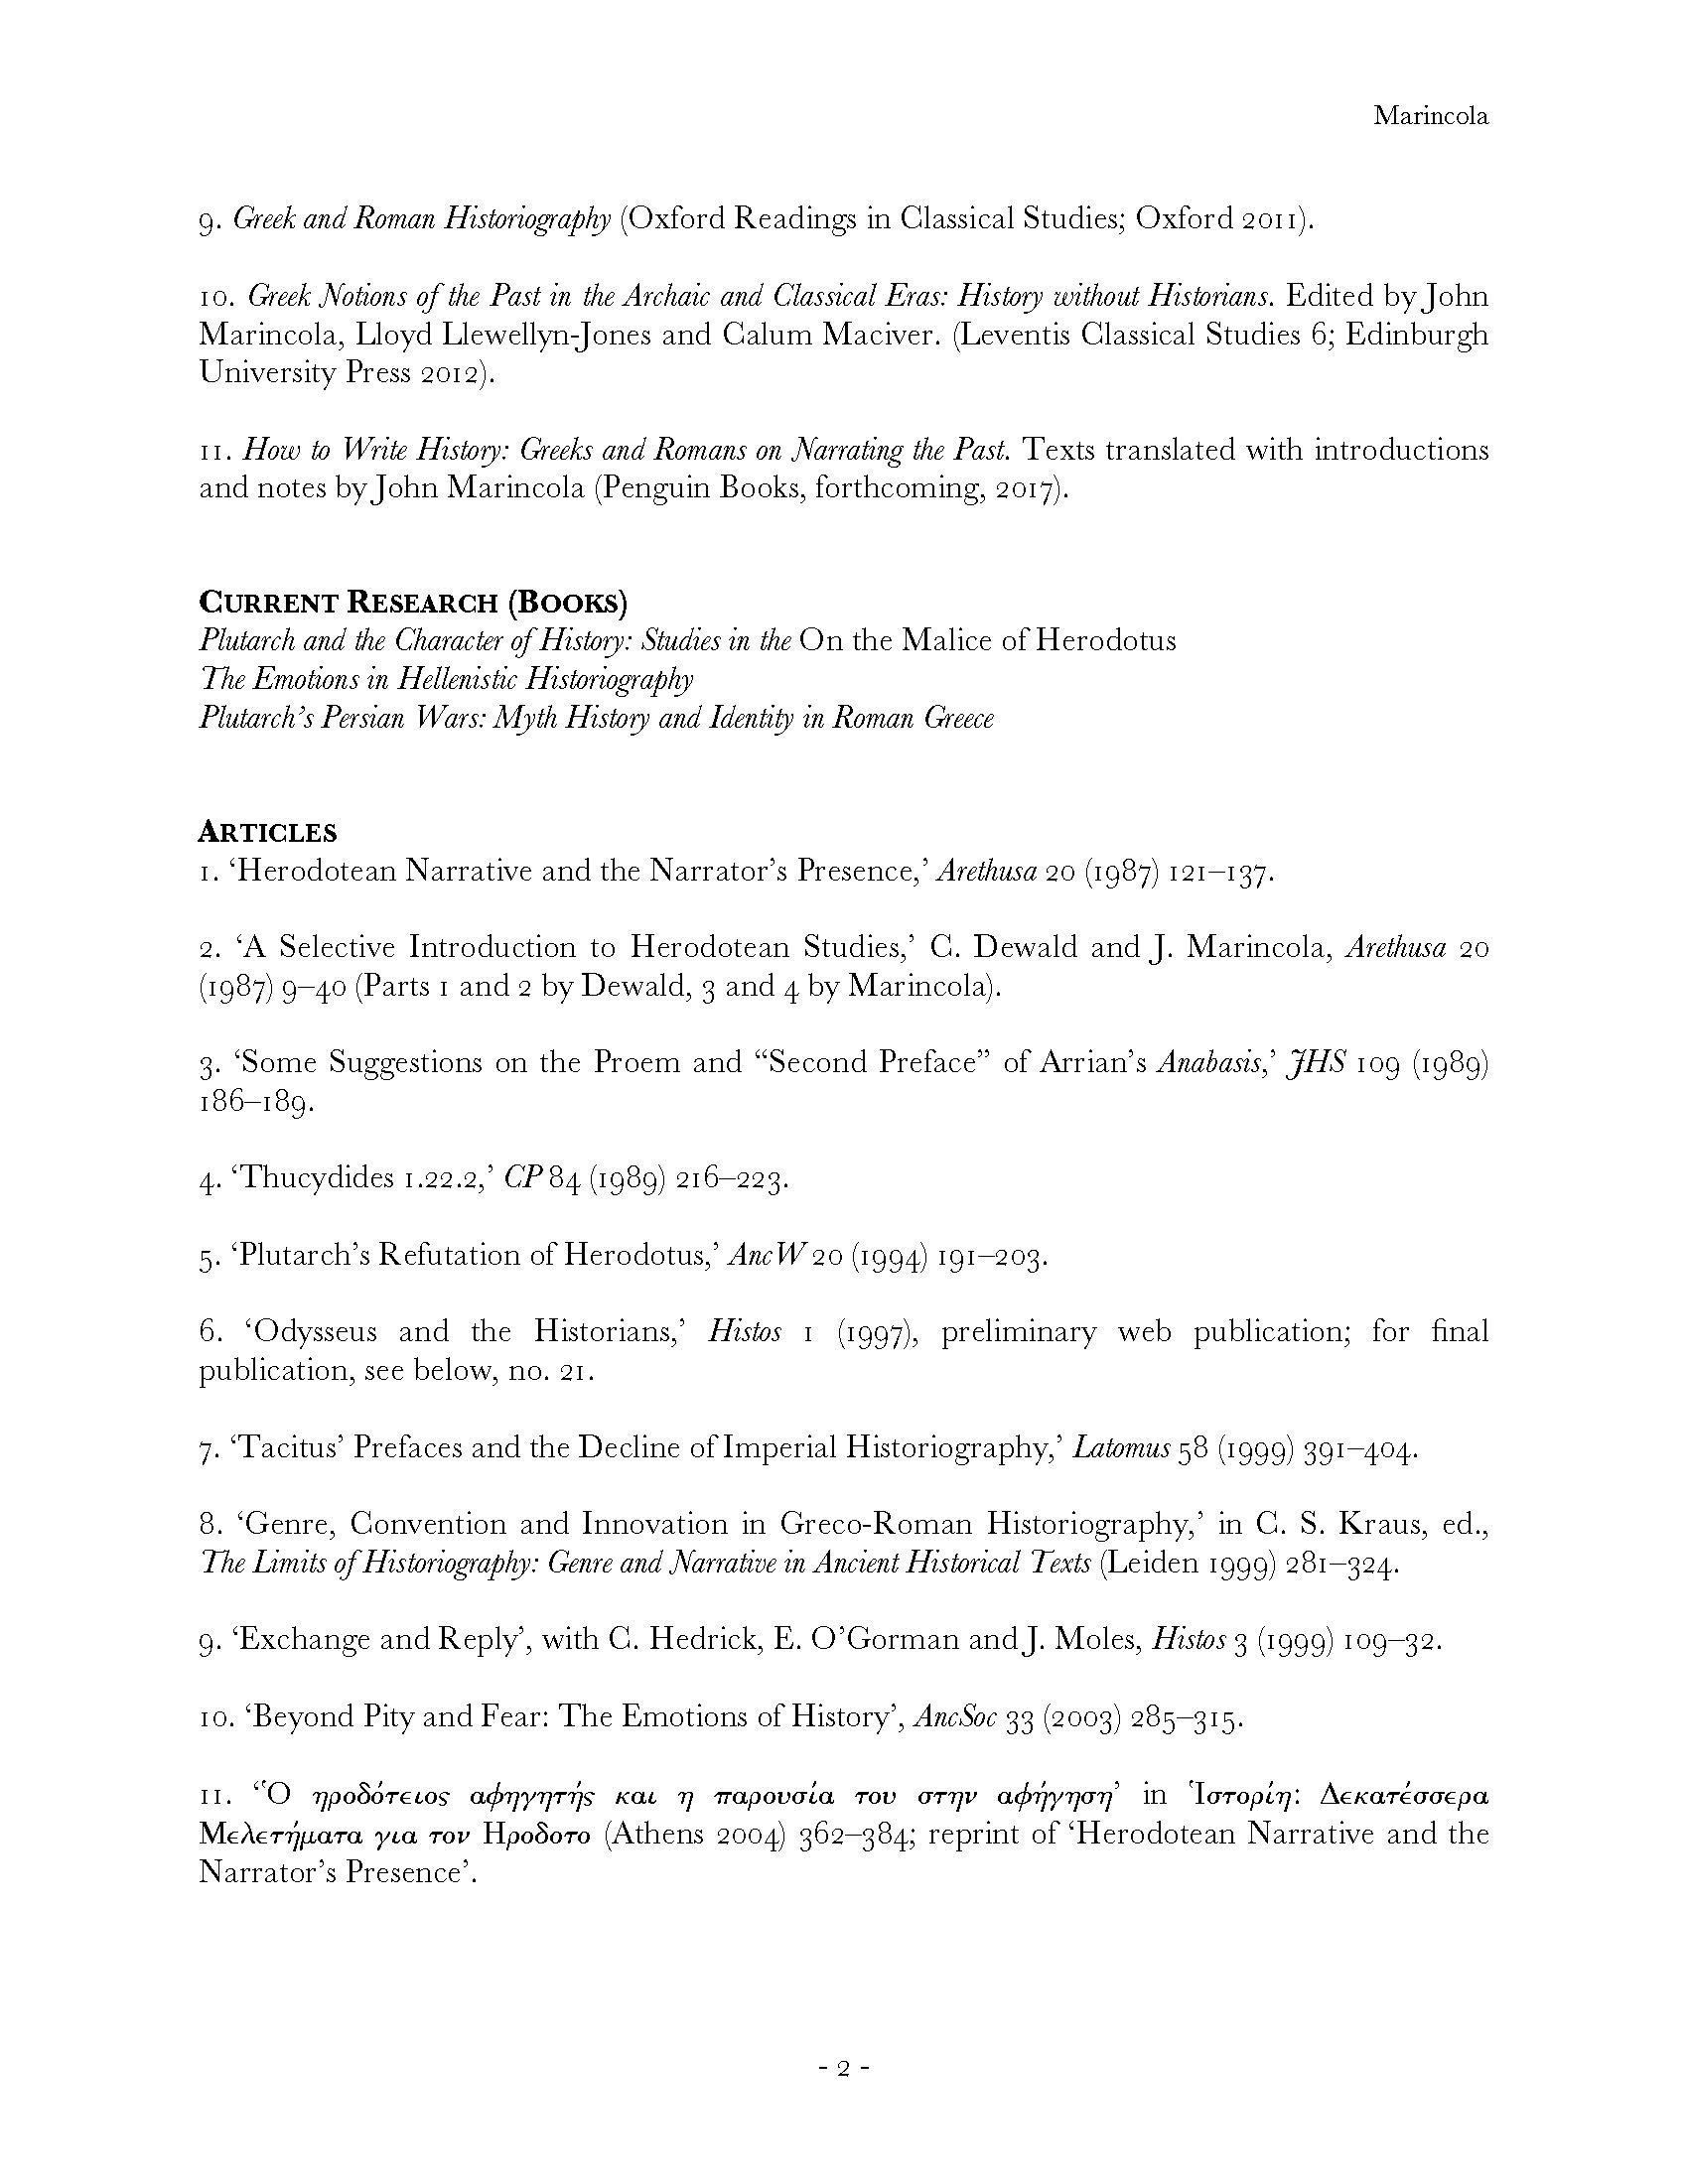 John Marincola | Department of Classics